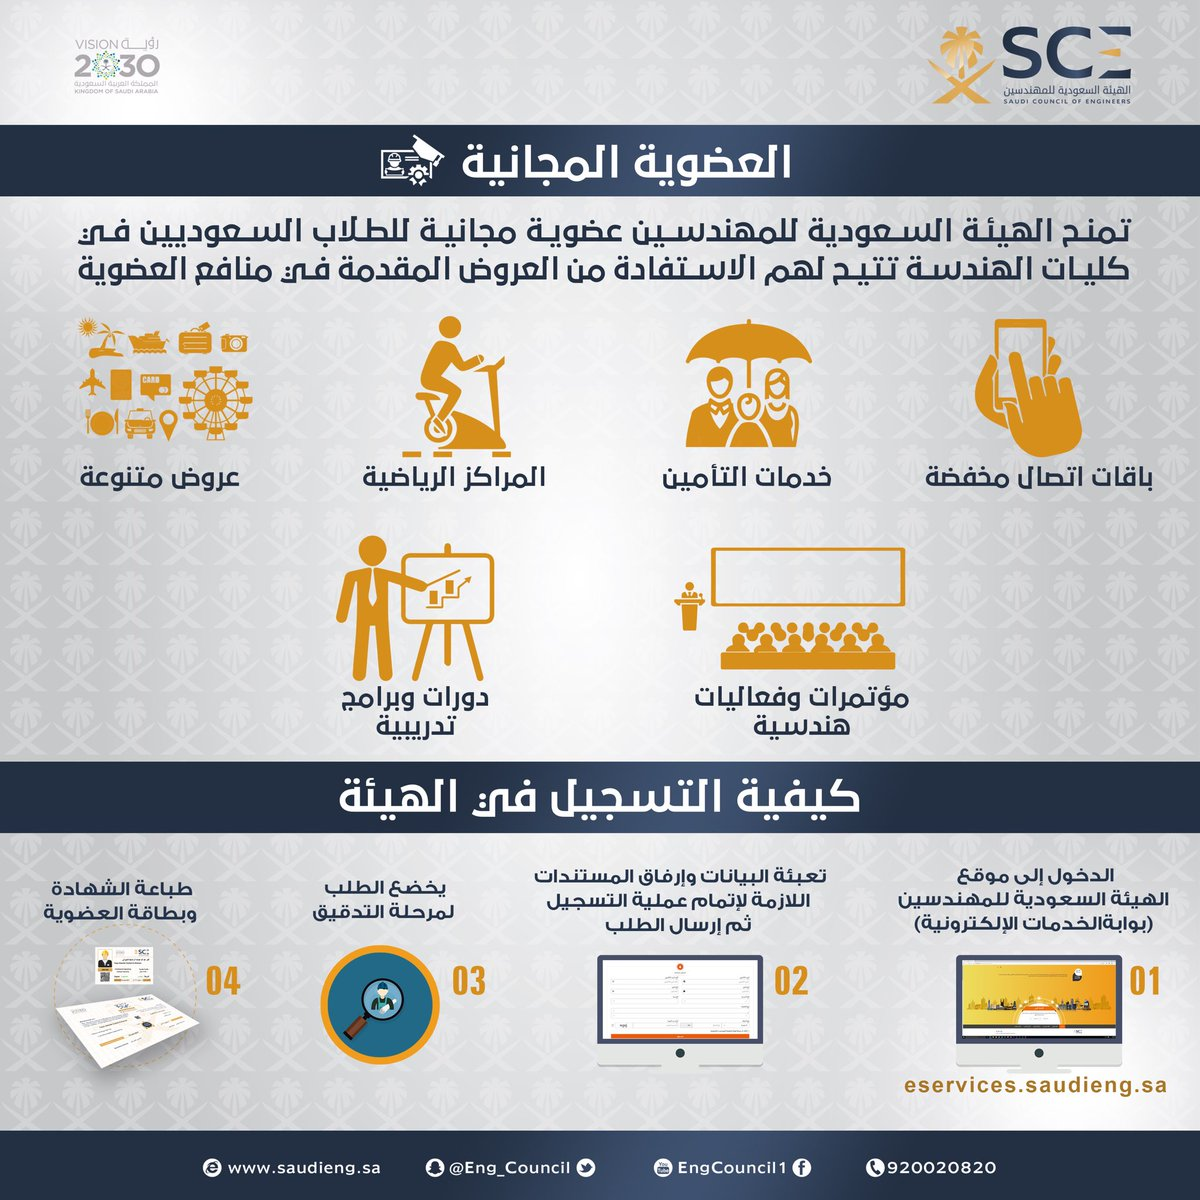 الهيئة السعودية للمهندسين على تويتر حرصا منها على تحفيز طلاب كليات الهندسة في الجامعات وتطويرهم هيئة المهندسين تتحمل رسوم عضوية الطلاب التي تمنكهم من الاستفادة من الخدمات والمنافع التي تقدمها الهيئة Https T Co Quvlqlngmo